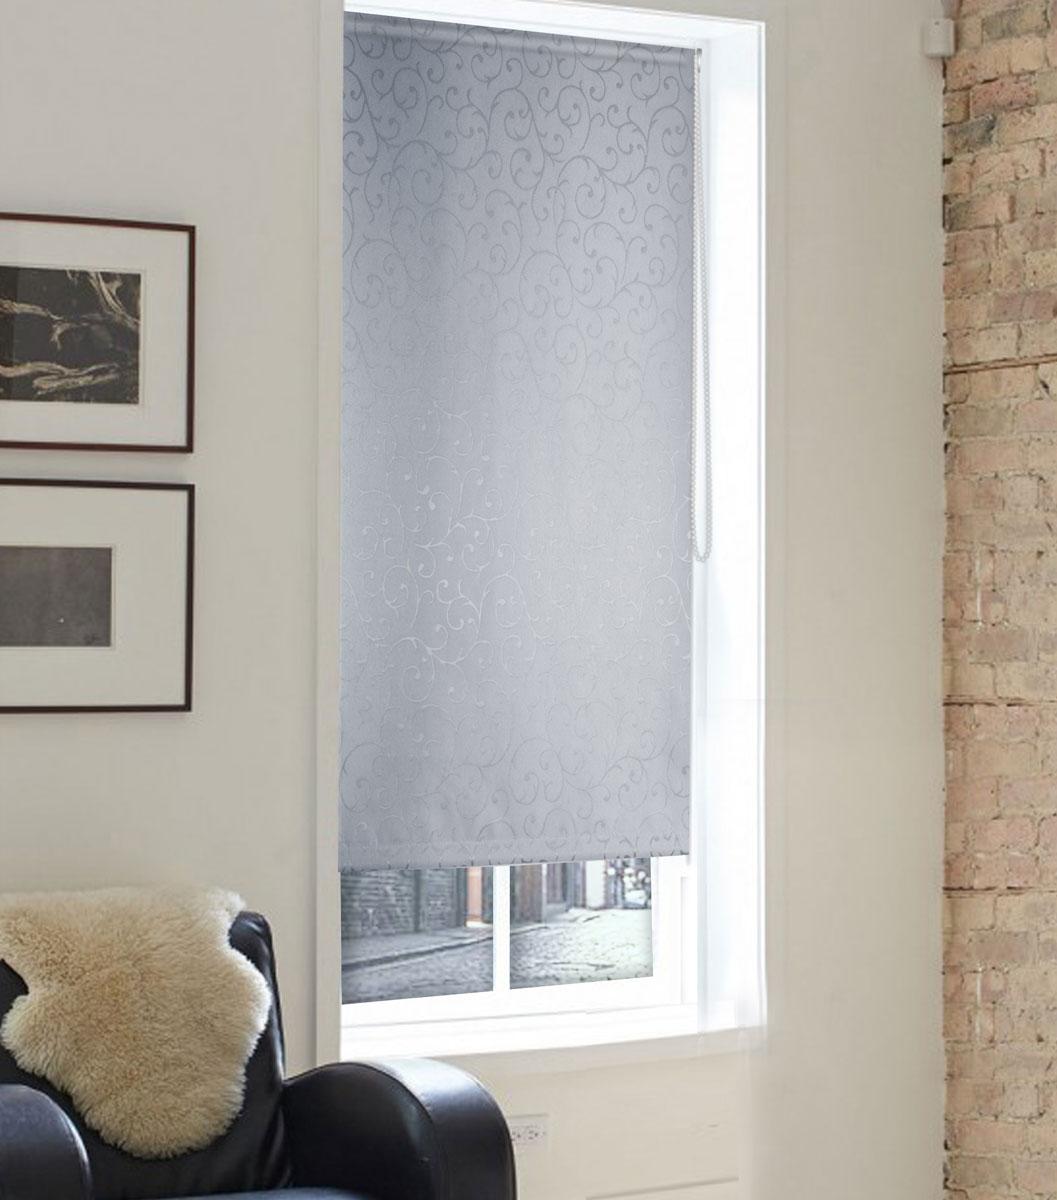 Штора рулонная Эскар Миниролло. Агат, фактурная, цвет: серый, ширина 52 см, высота 160 смS03301004Рулонная штора Эскар Миниролло. Агат выполнена из высокопрочной ткани, которая сохраняет свой размер даже при намокании. Ткань не выцветает и обладает отличной цветоустойчивостью.Миниролло - это подвид рулонных штор, который закрывает не весь оконный проем, а непосредственно само стекло. Такие шторы крепятся на раму без сверления при помощи зажимов или клейкой двухсторонней ленты. Окно остается на гарантии, благодаря монтажу без сверления. Такая штора станет прекрасным элементом декора окна и гармонично впишется в интерьер любого помещения.